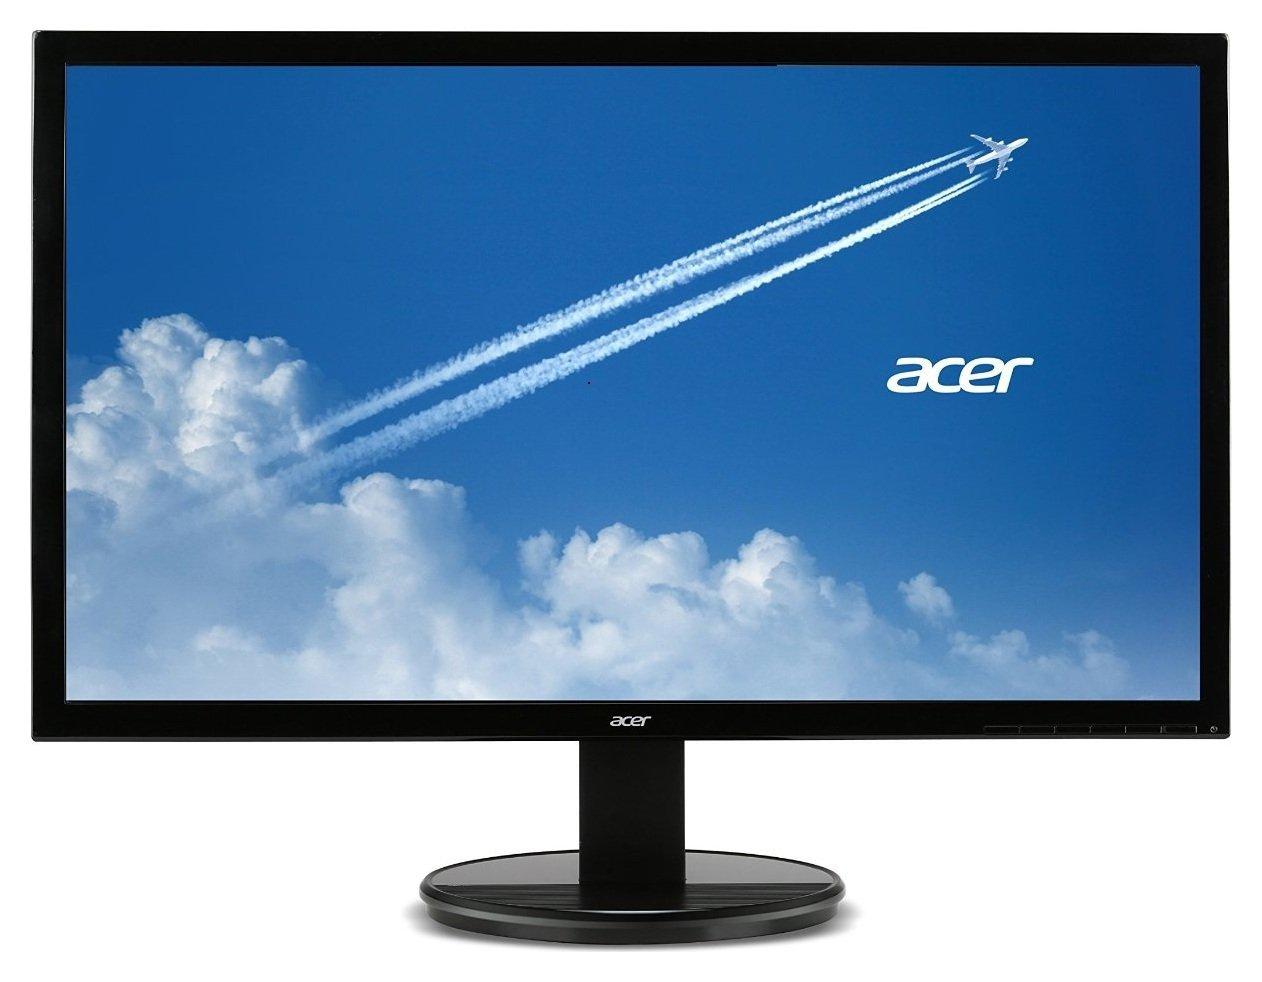 acer v226hqlab 22 inch led monitor. Black Bedroom Furniture Sets. Home Design Ideas